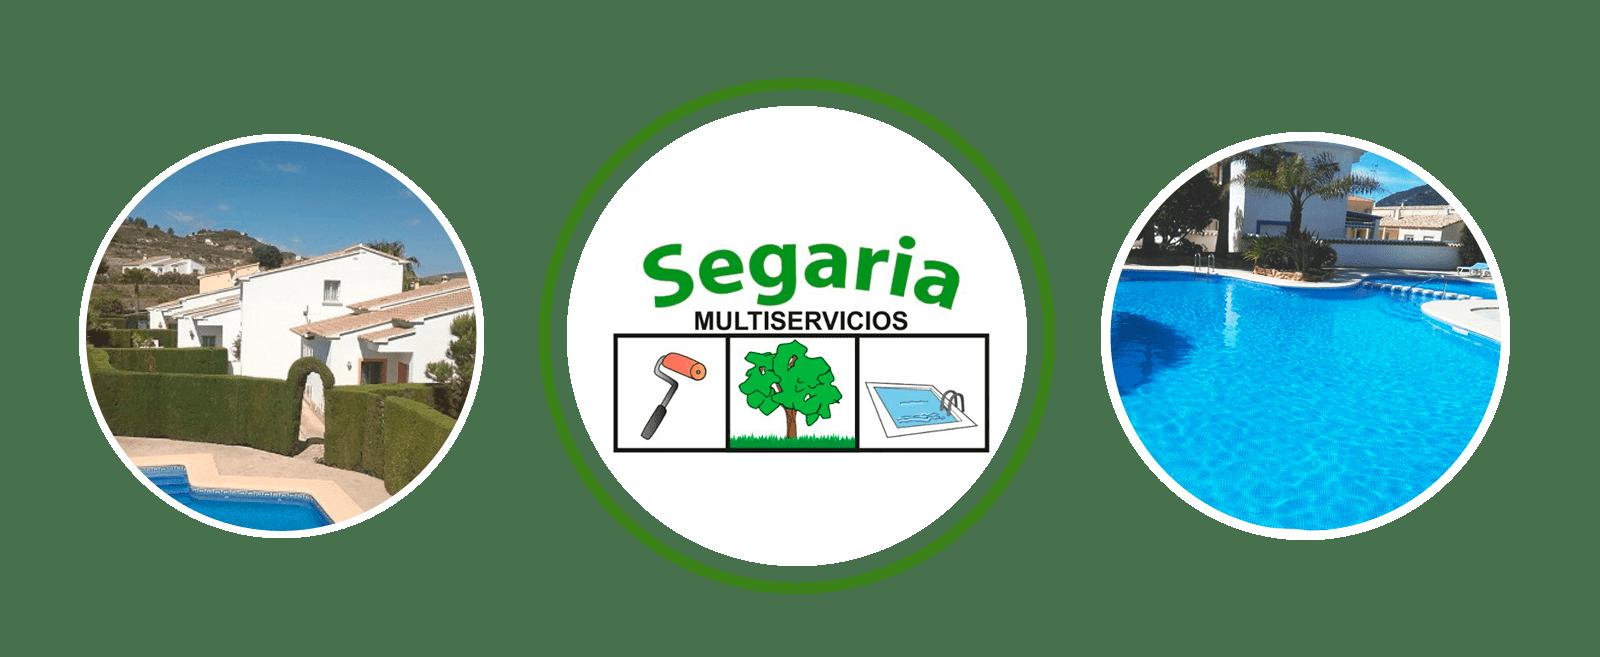 Segaria Multiservicios